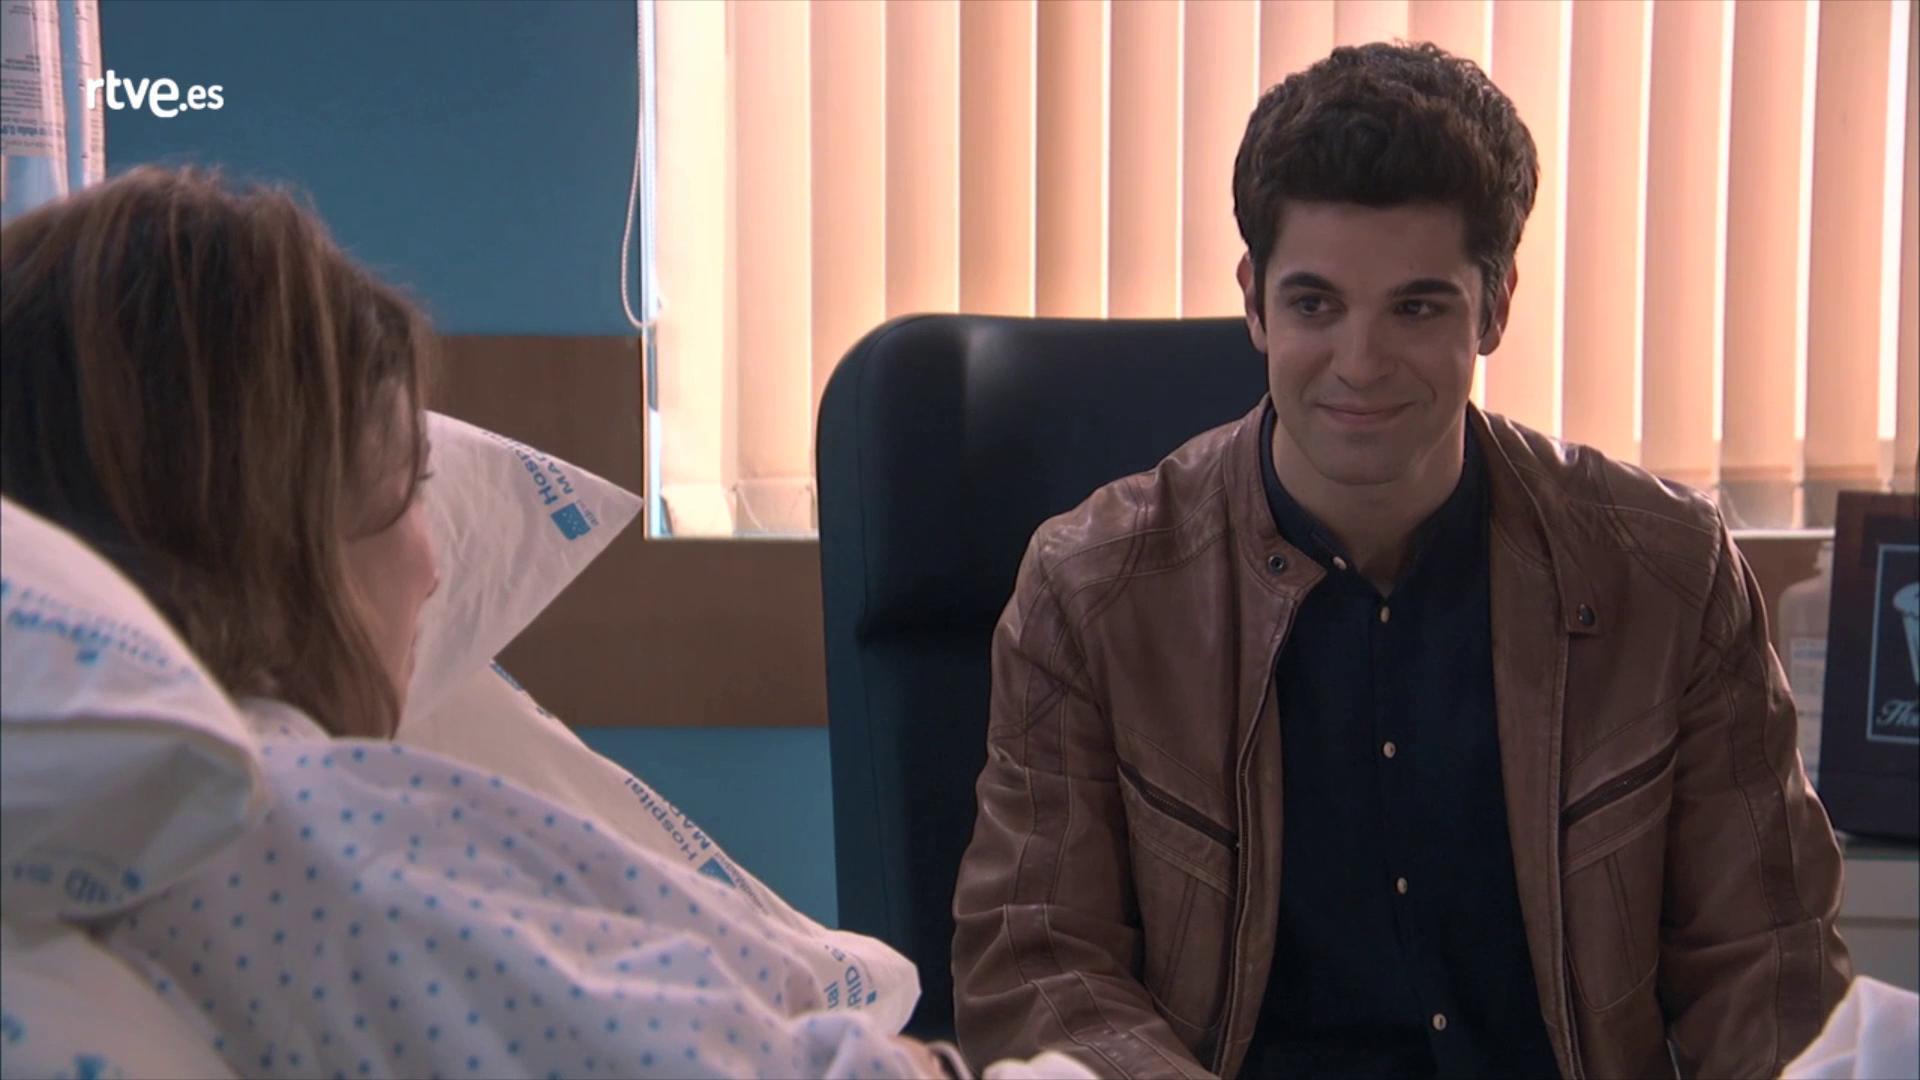 Servir y proteger - Julio visita a Alicia en el hospital